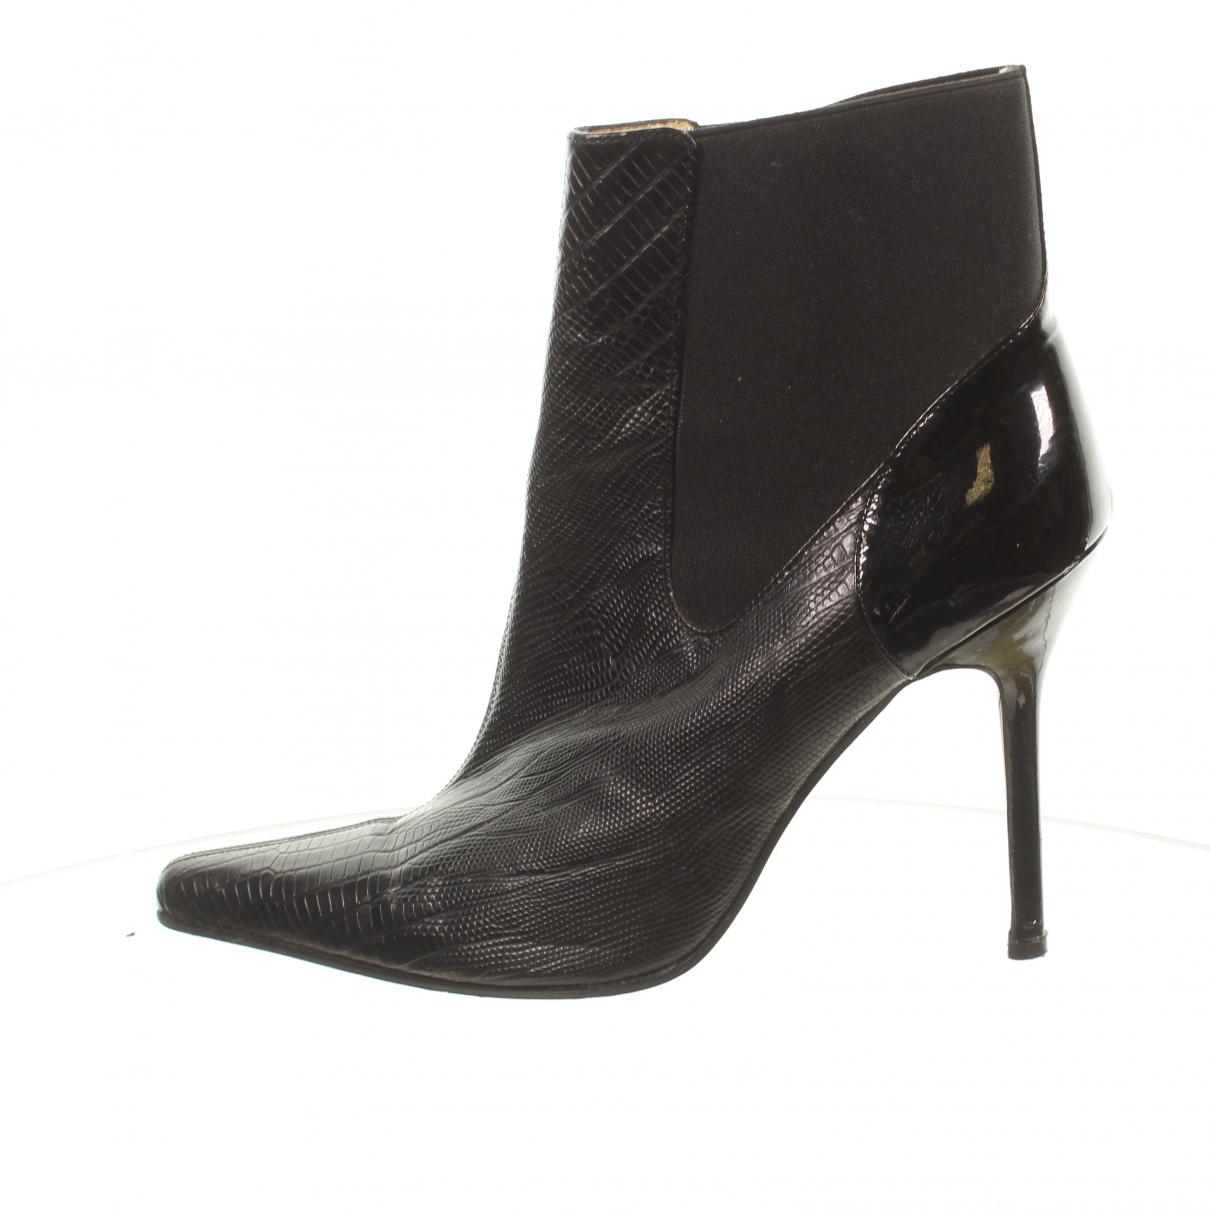 D&g - Boots   pour femme en cuir - noir